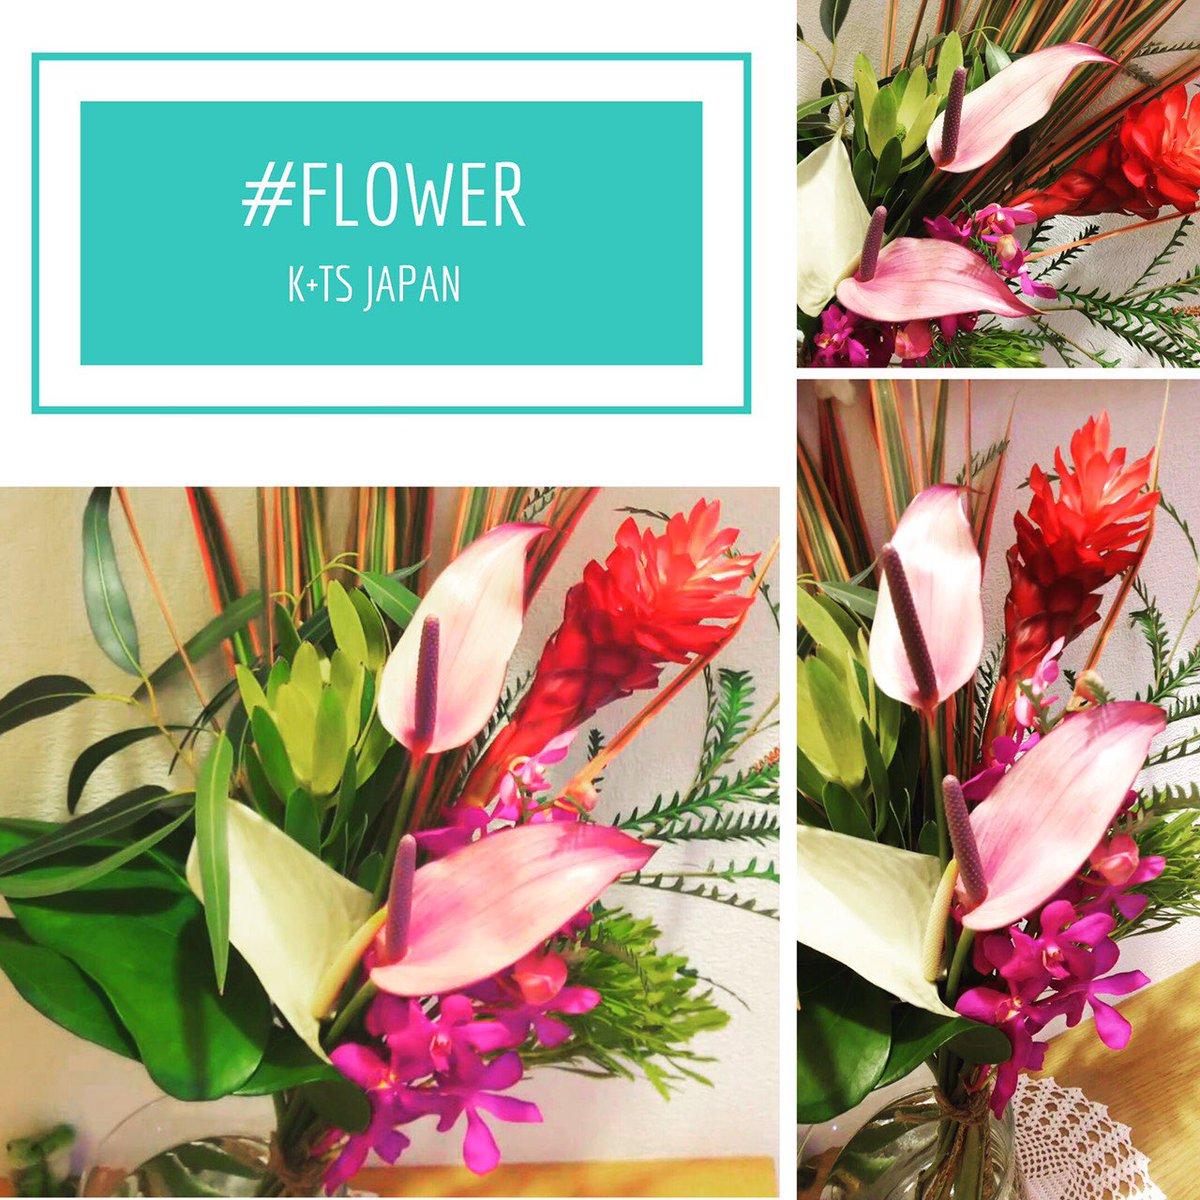 お店の玄関のお花が変わりました! ネイティブフラワーというちょっぴり変わったお花ですので、ご来店の際は是非見てくださいね☆  #ネイティブフラワー #ハワイの花 #花のある暮らし #玄関のお花 #美容室のお花 #flower  #可児市美容室 #可児美容室 #岐阜美容室 #スタッフ募集 #ケーティーズジャパン